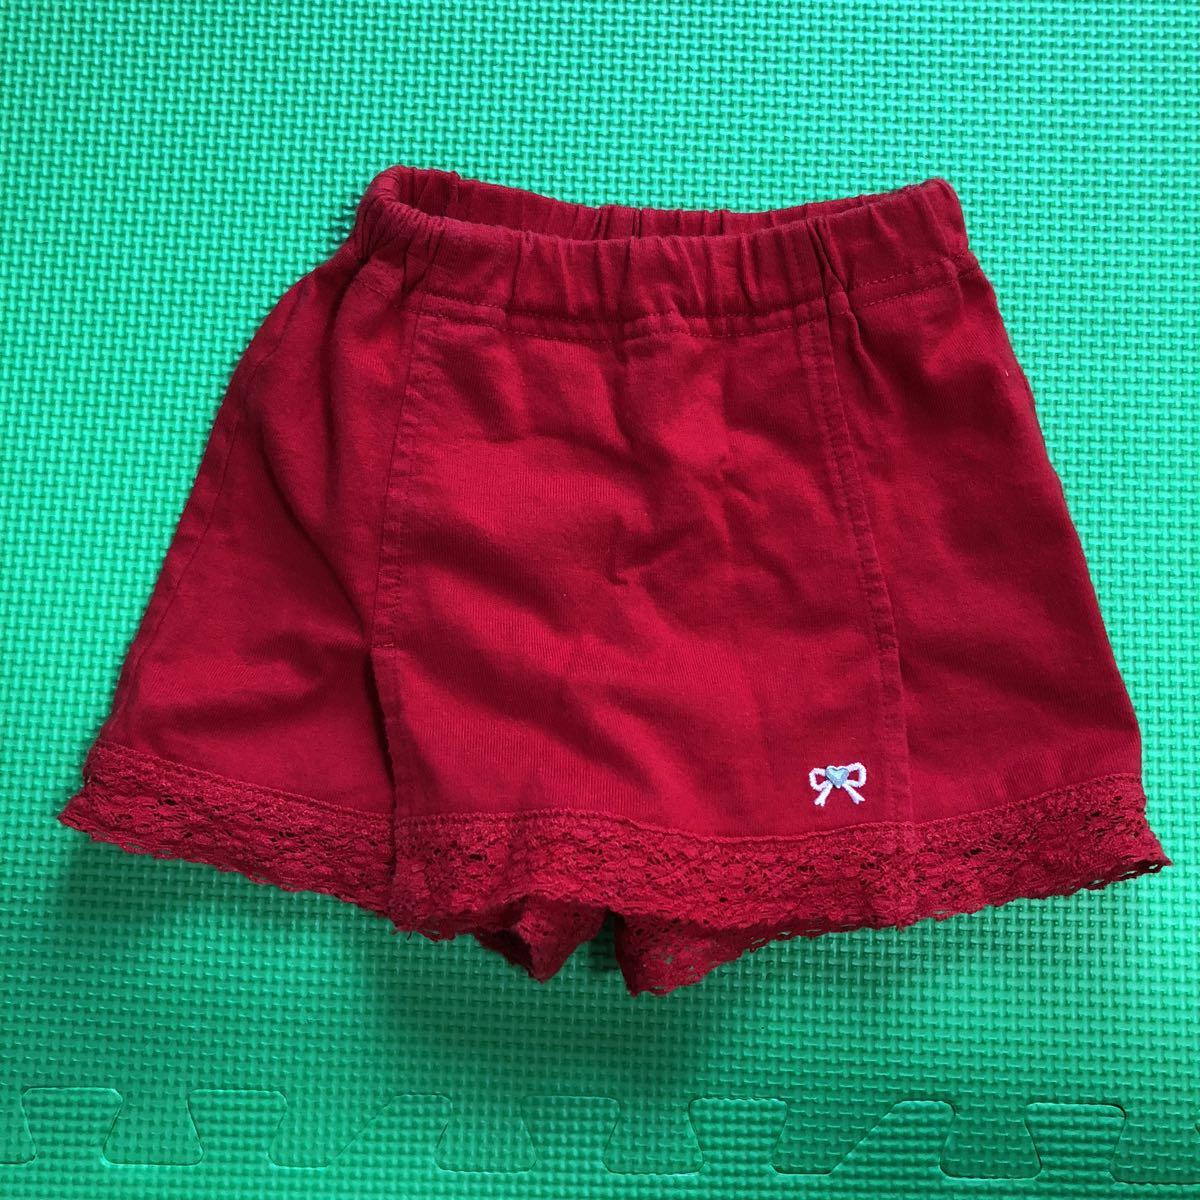 ハッシュアッシュ スカート風キュロット サイズ80 赤